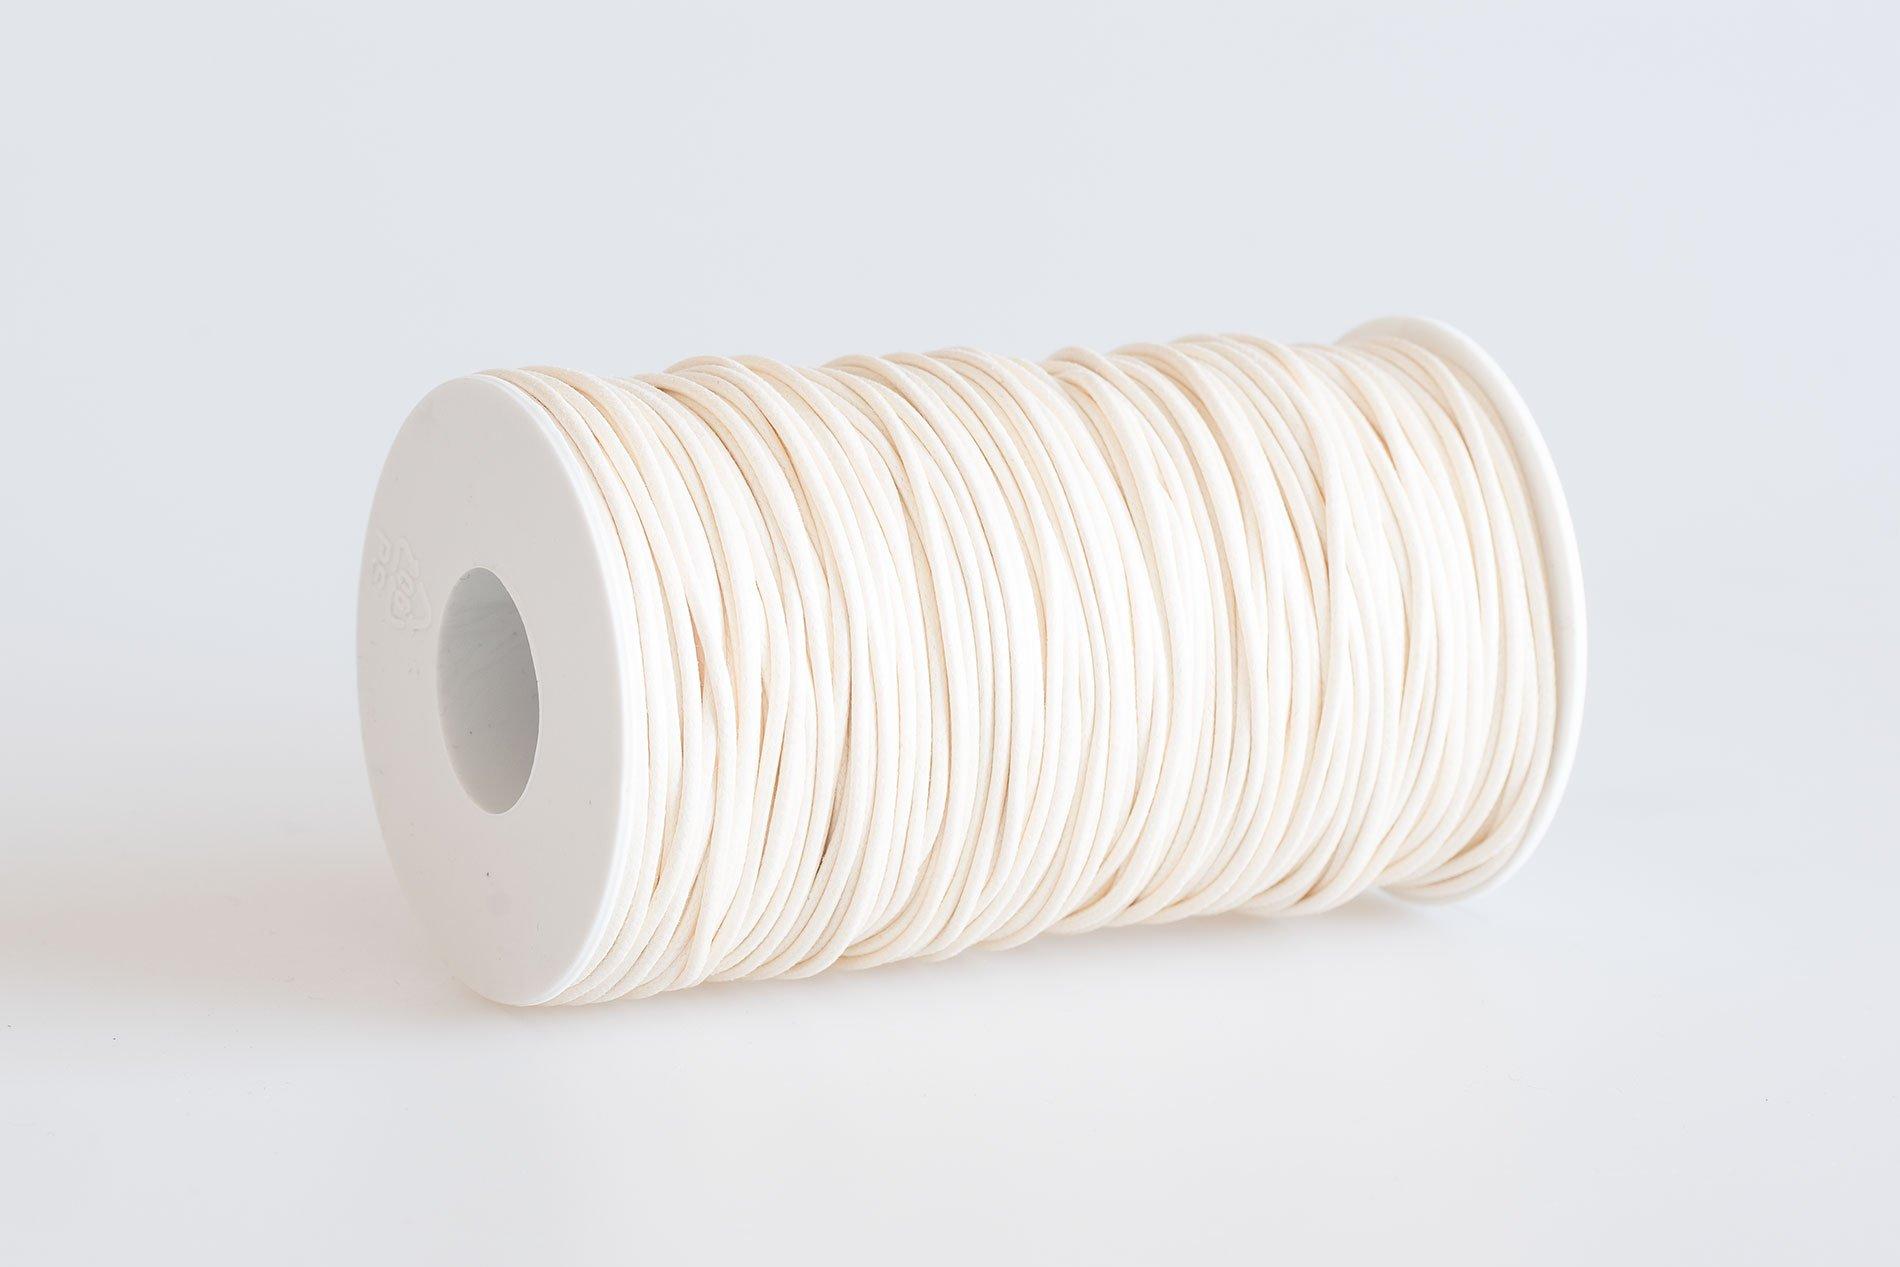 Acquista Cordino tondo cerato Bianco Latte - Laccioteca 5653339f02f